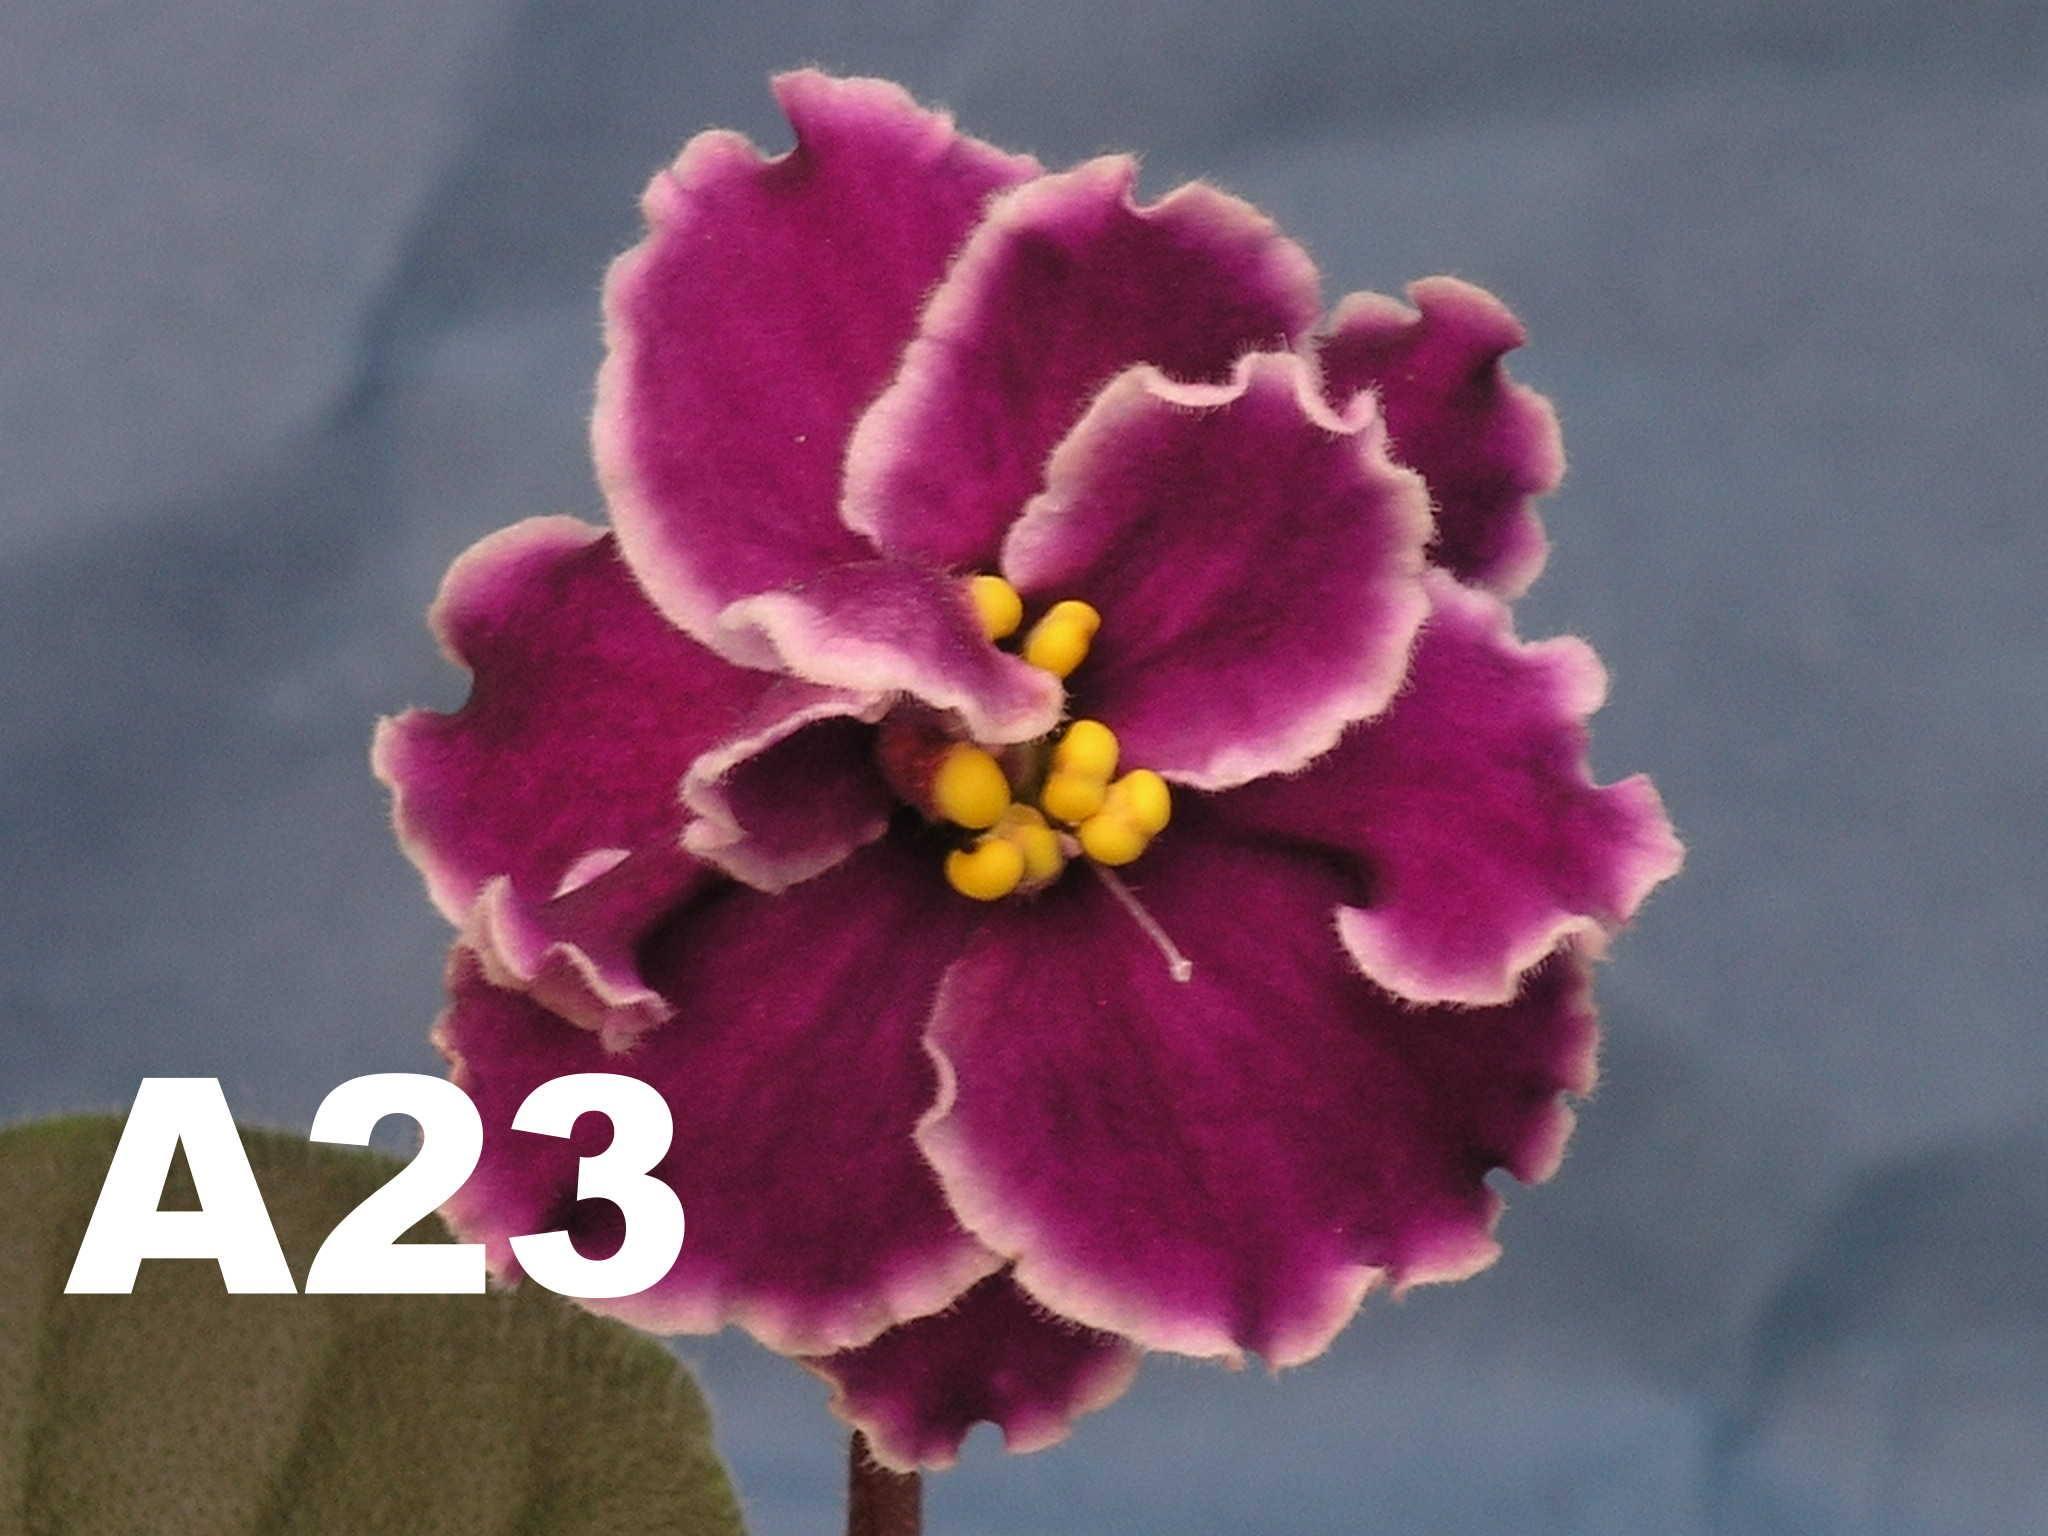 非洲紫羅蘭名錄 | African Violets Catalogue - A系列 A23